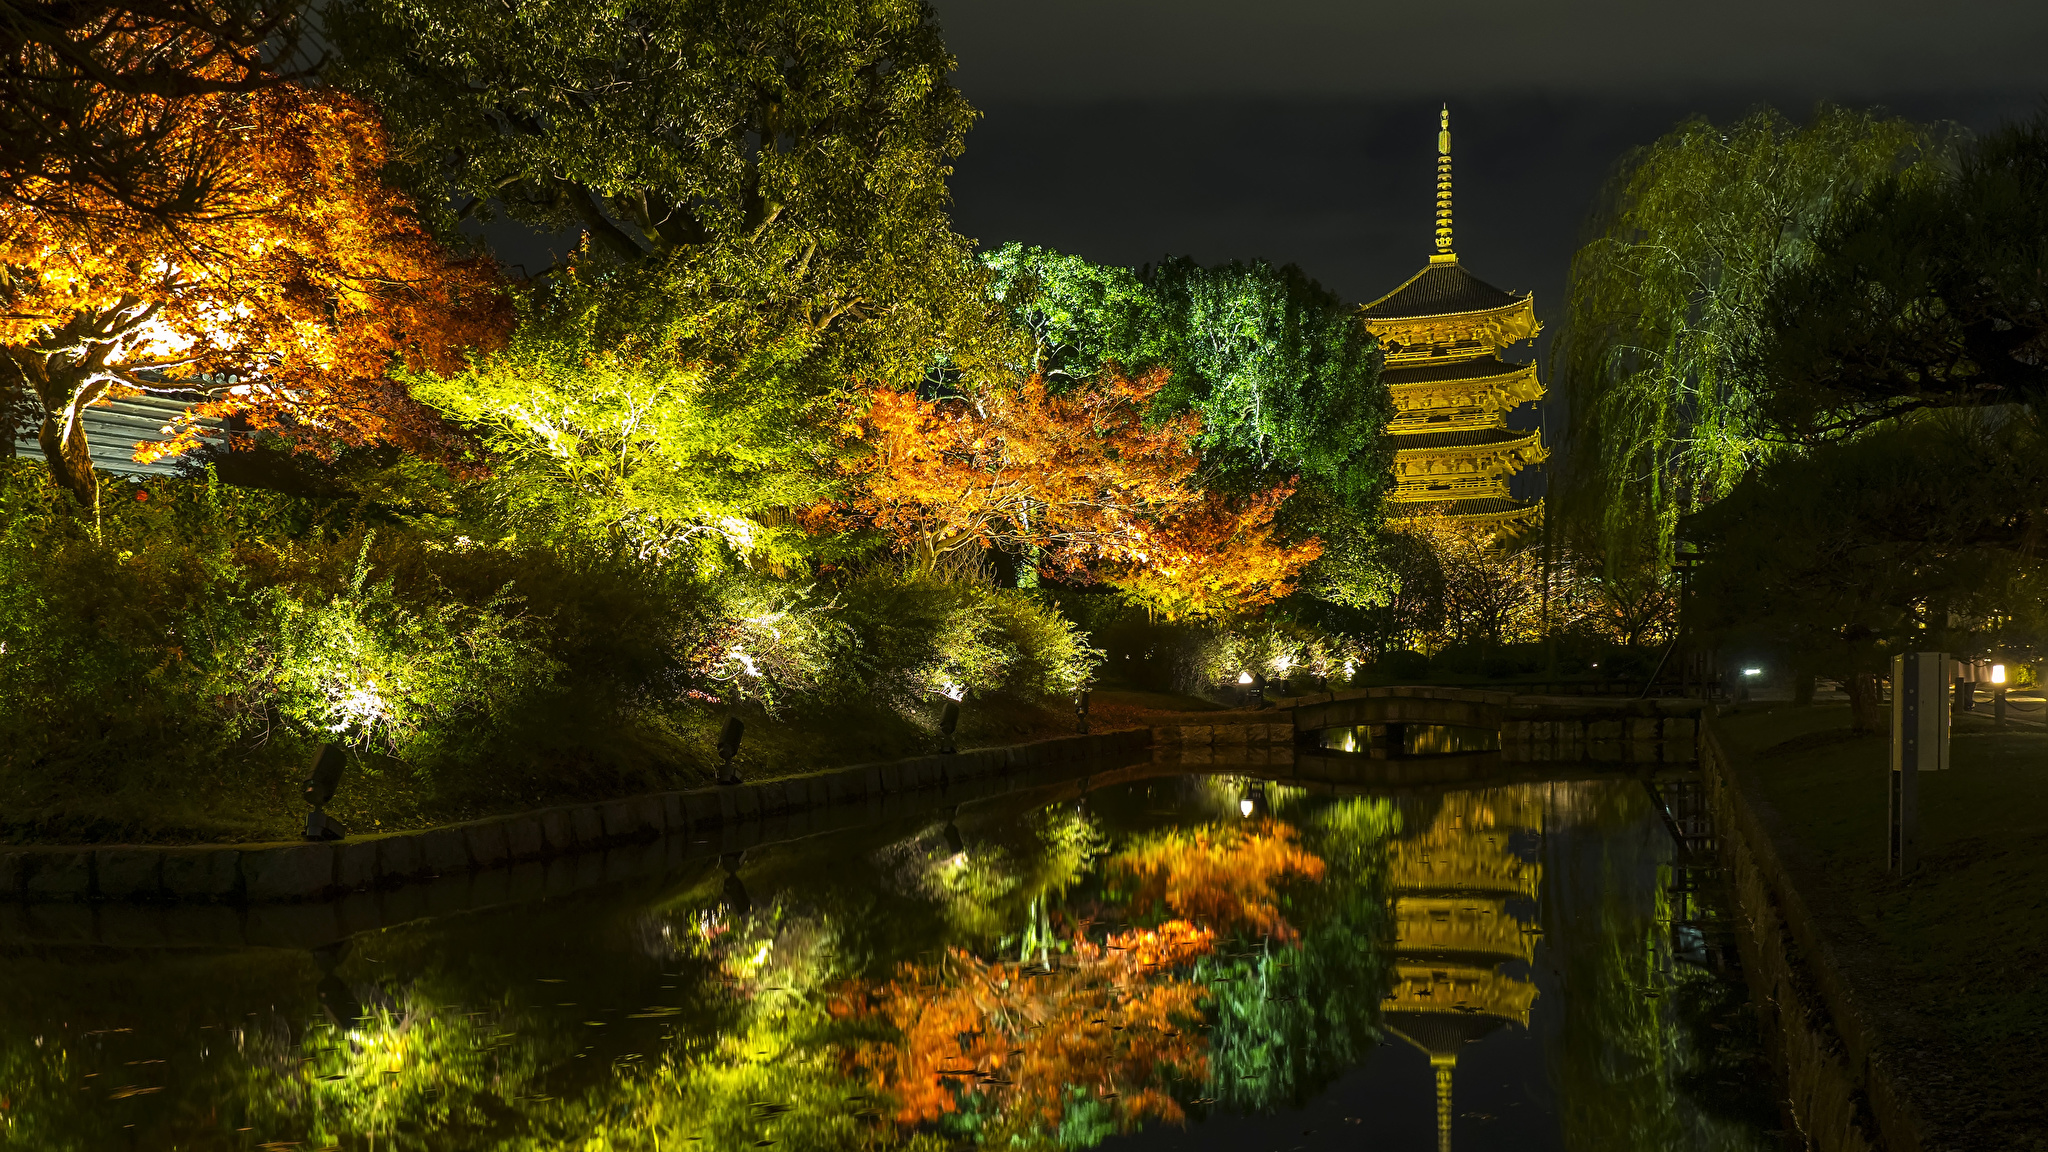 2048x1152、日本、京都市、秋、公園、池、木、夜、街灯、自然